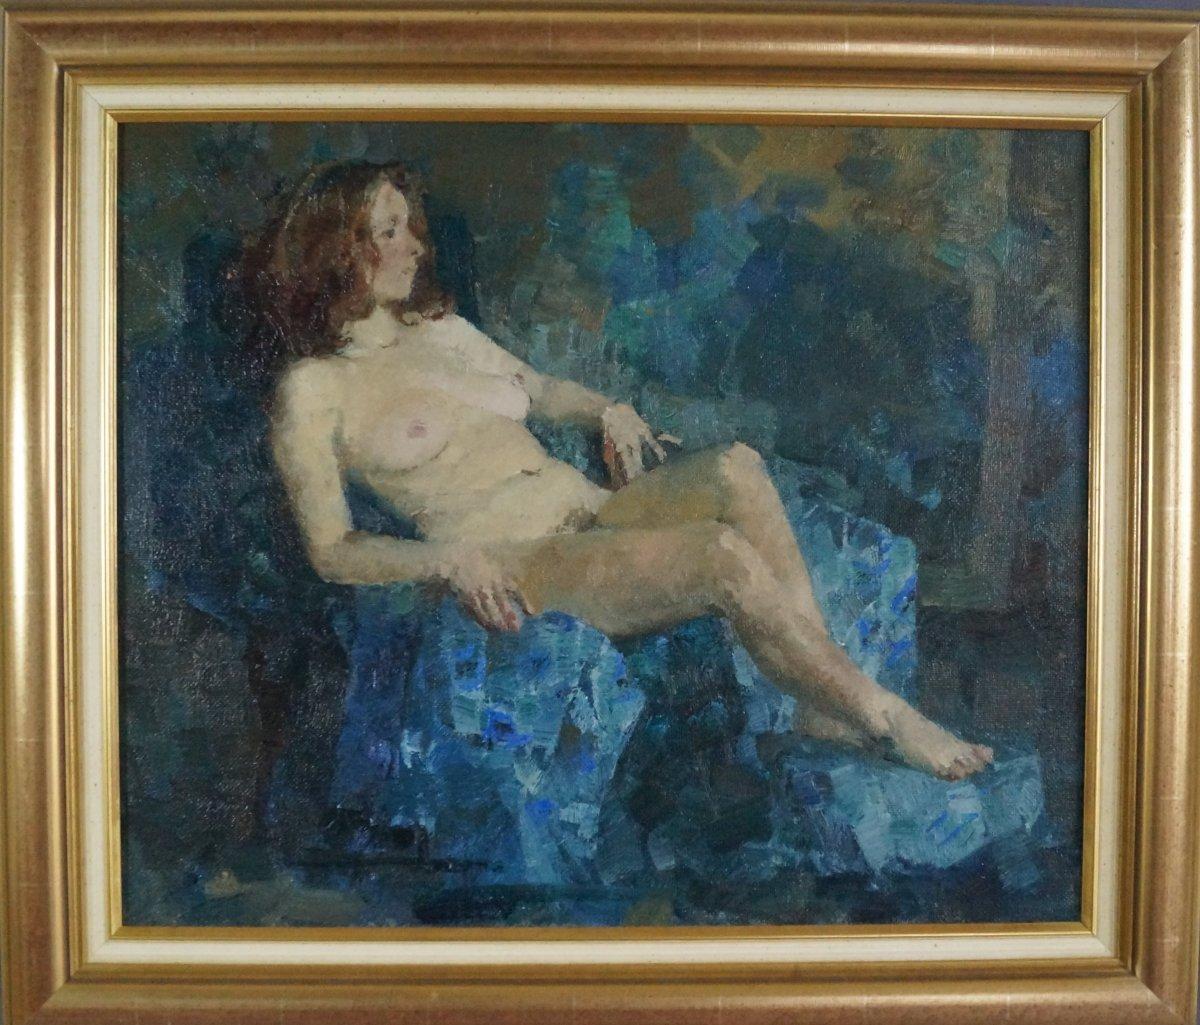 Ecole du XXème « Femme nue à L'étoffe bleue » par Anonyme.-photo-3